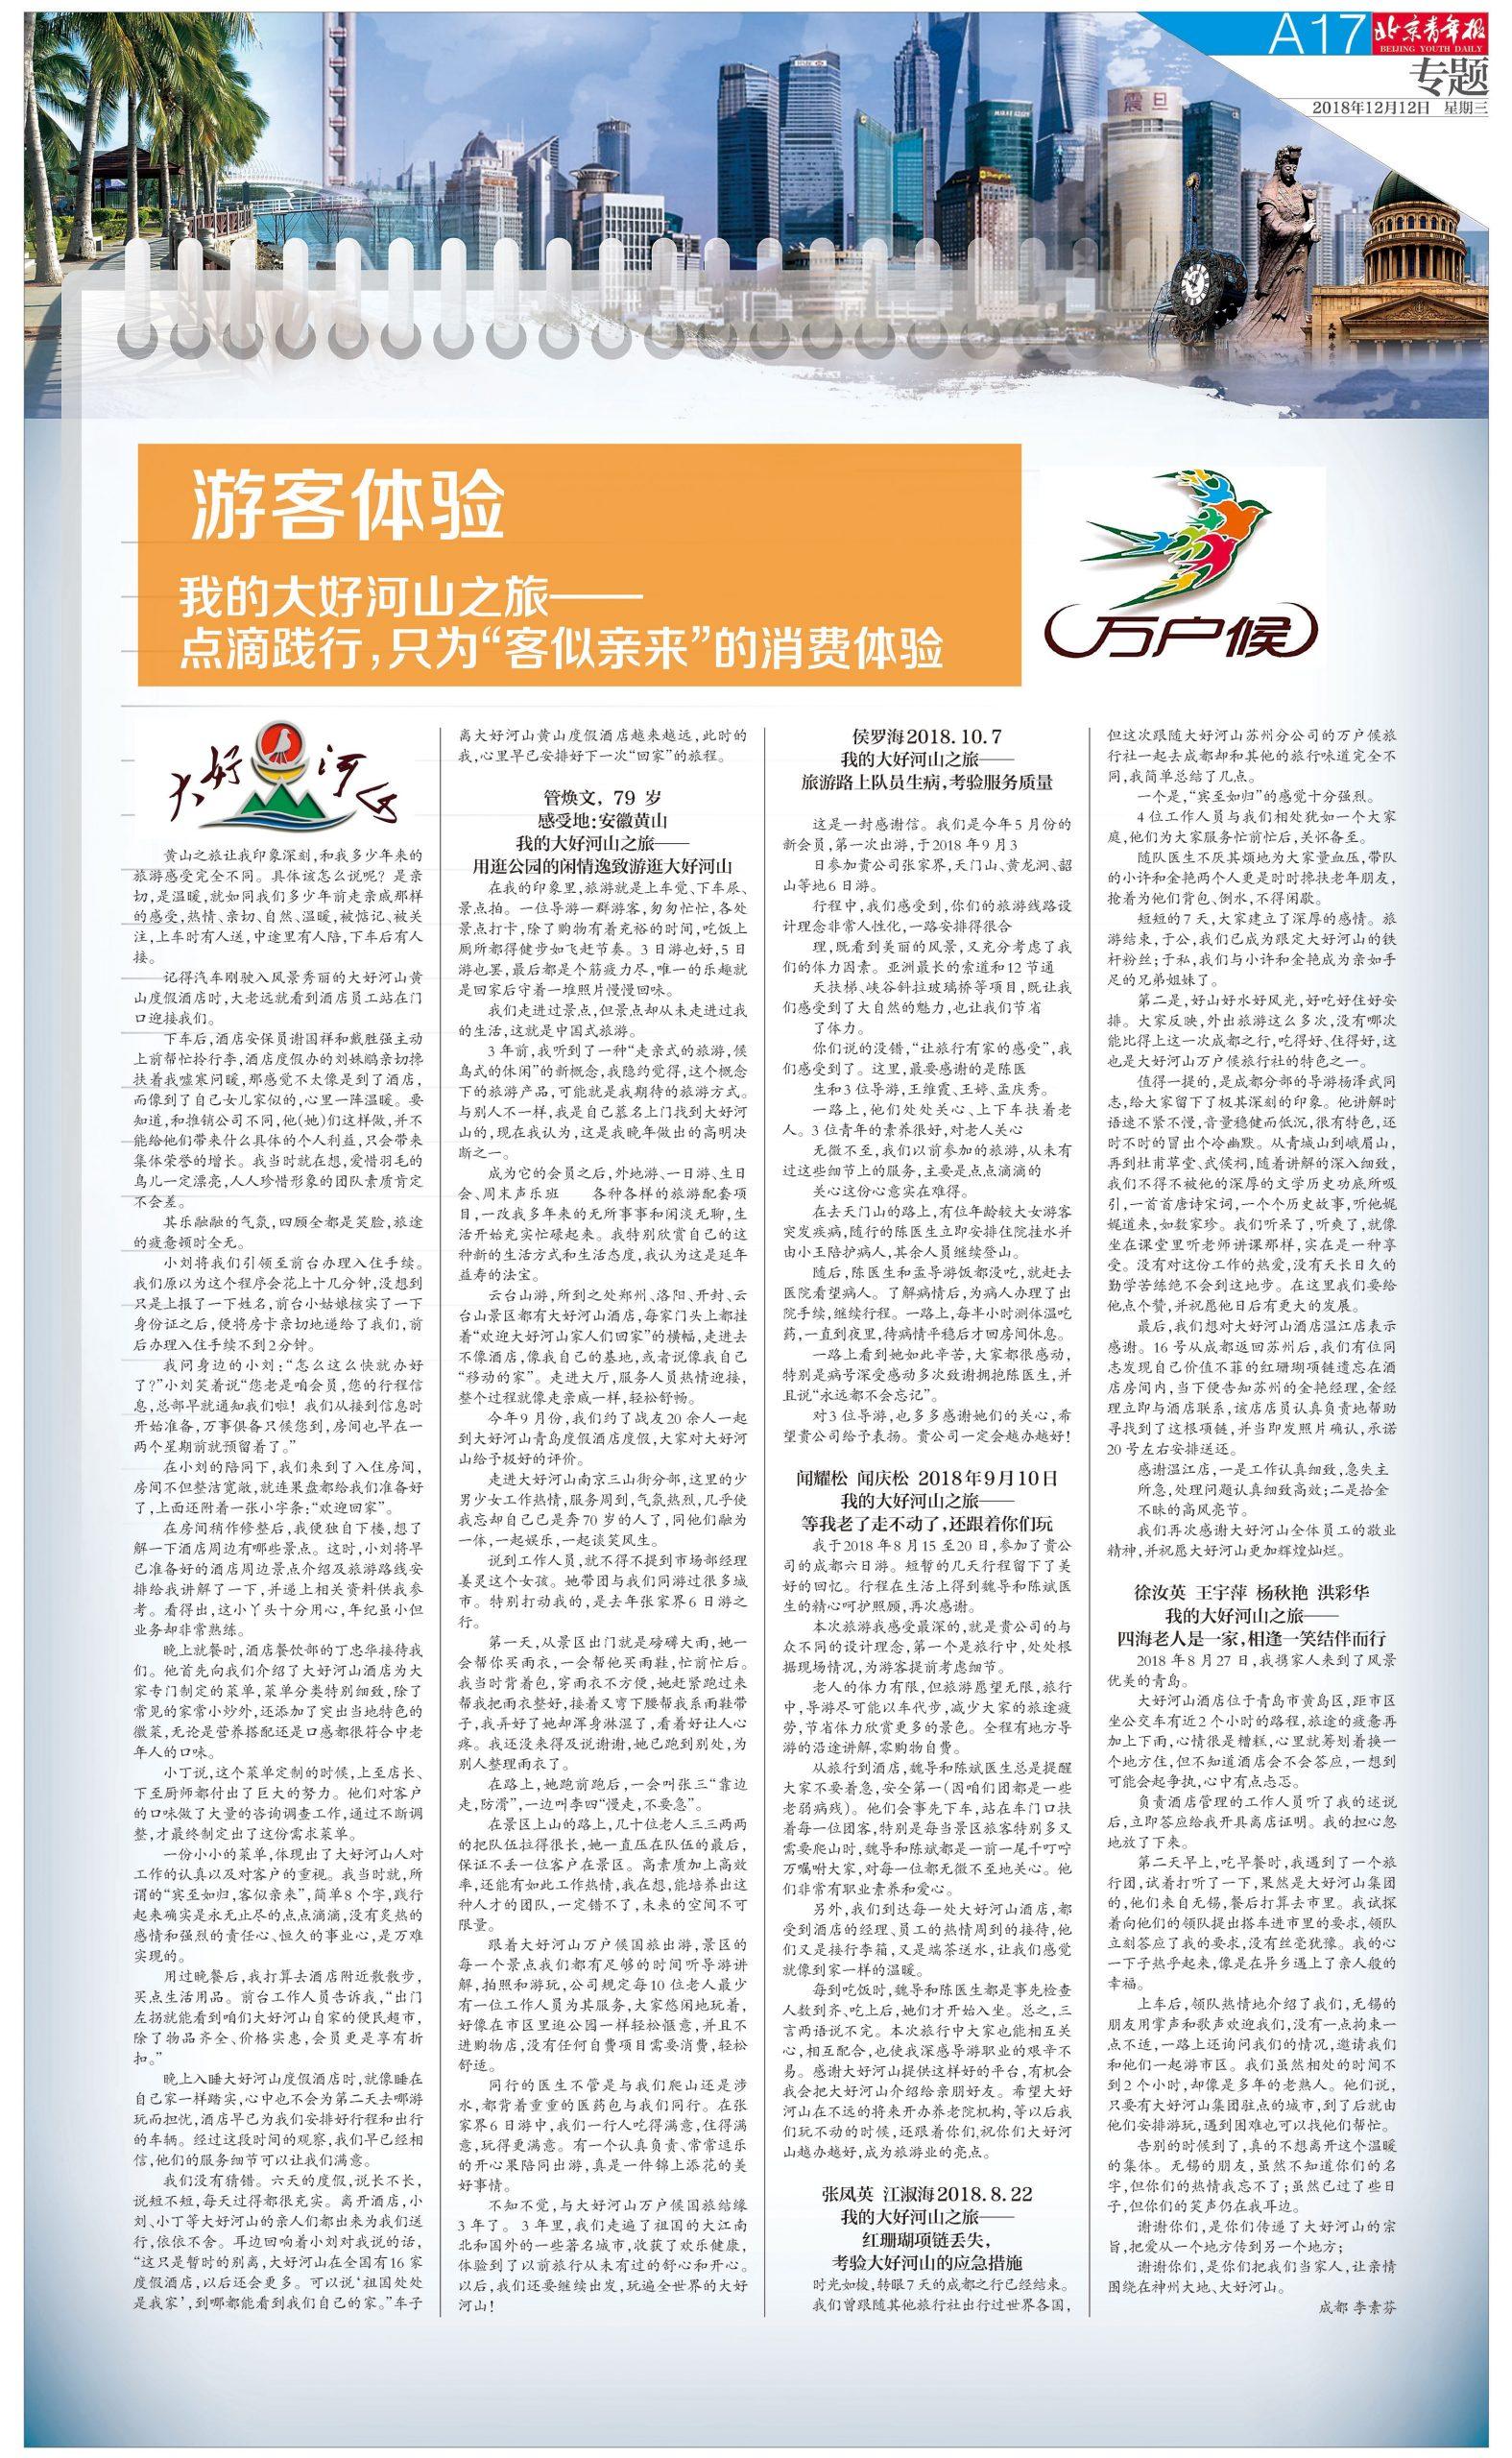 北京青年报 2018-12-12 A17